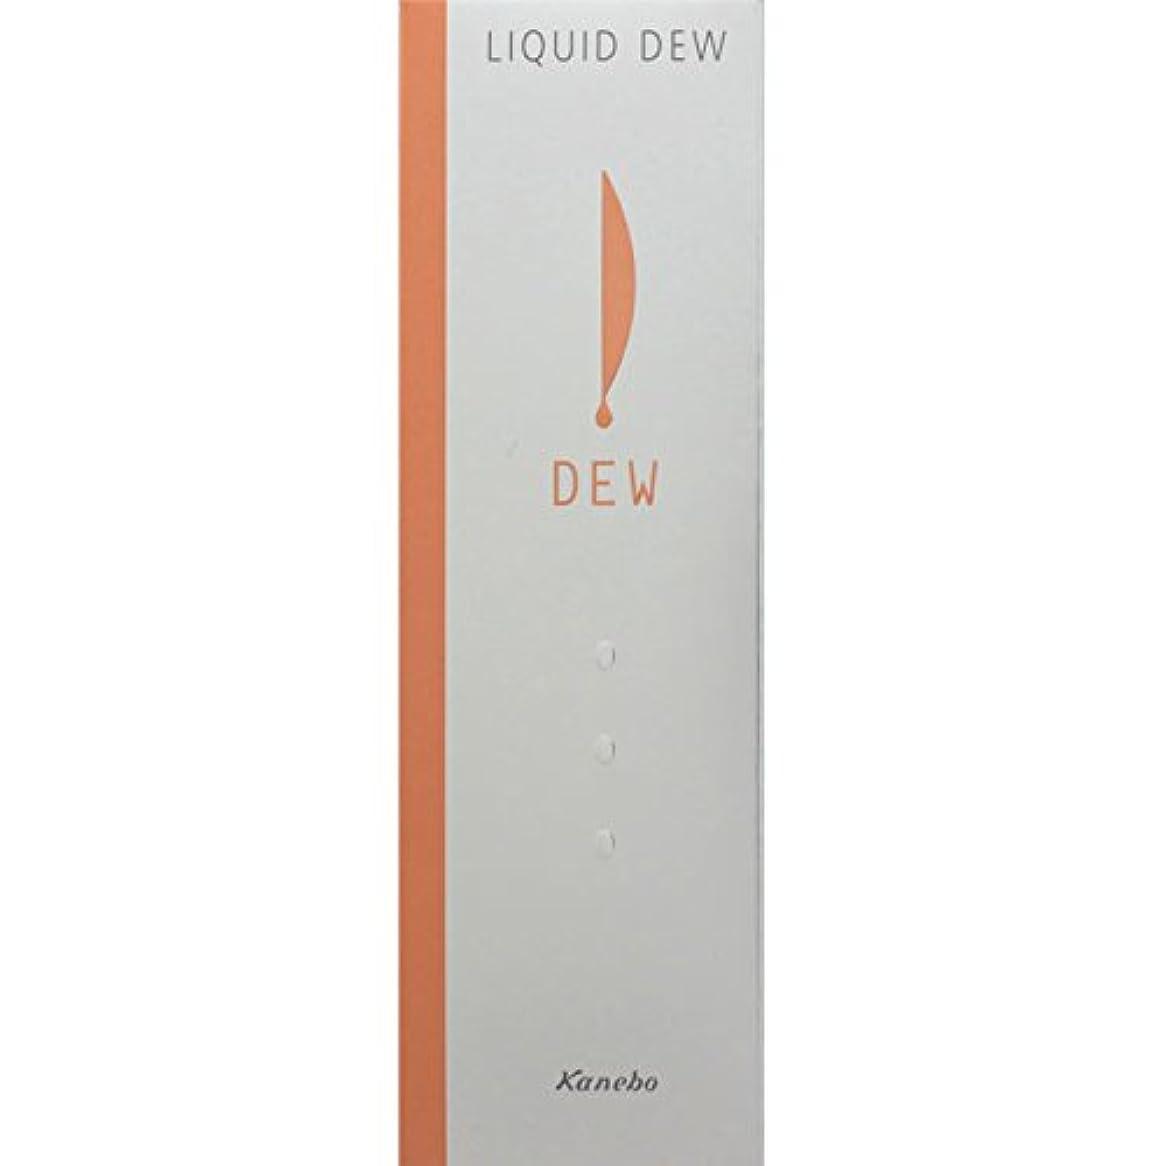 オーストラリア人あえて買収カネボウ化粧品 DEW リクイドデュウ ソフトオークルA